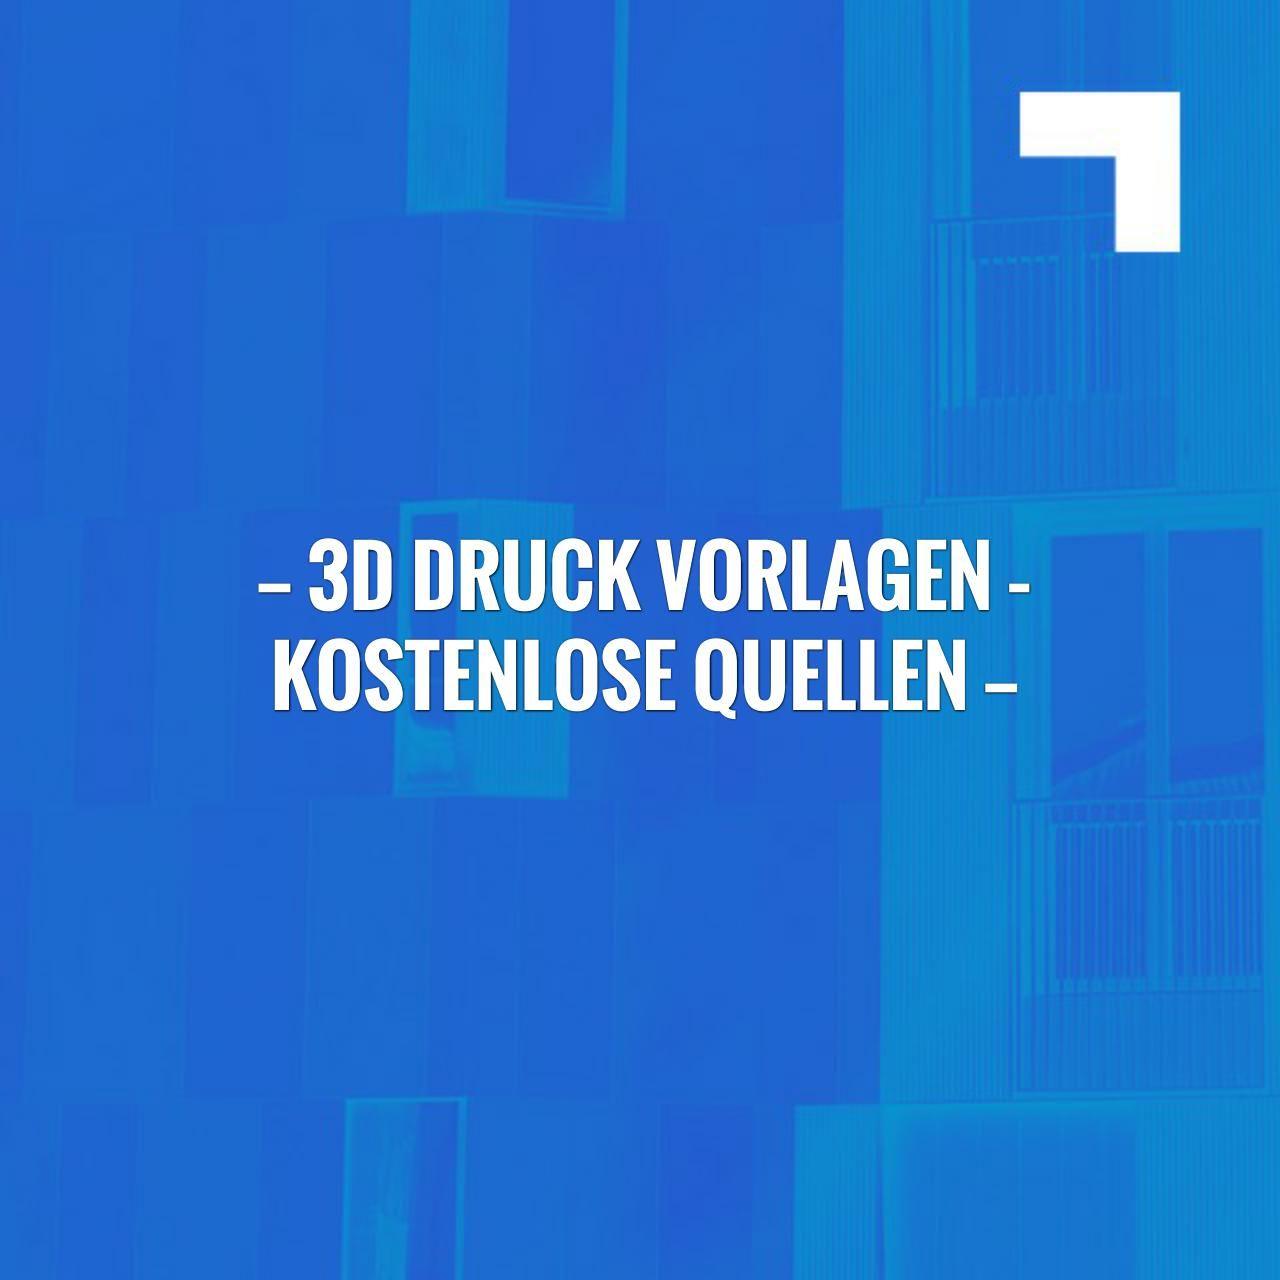 3d Druckvorlagen Kostenlose Quellen In 2020 3d Drucker Vorlagen 3d Druck 3d Drucker